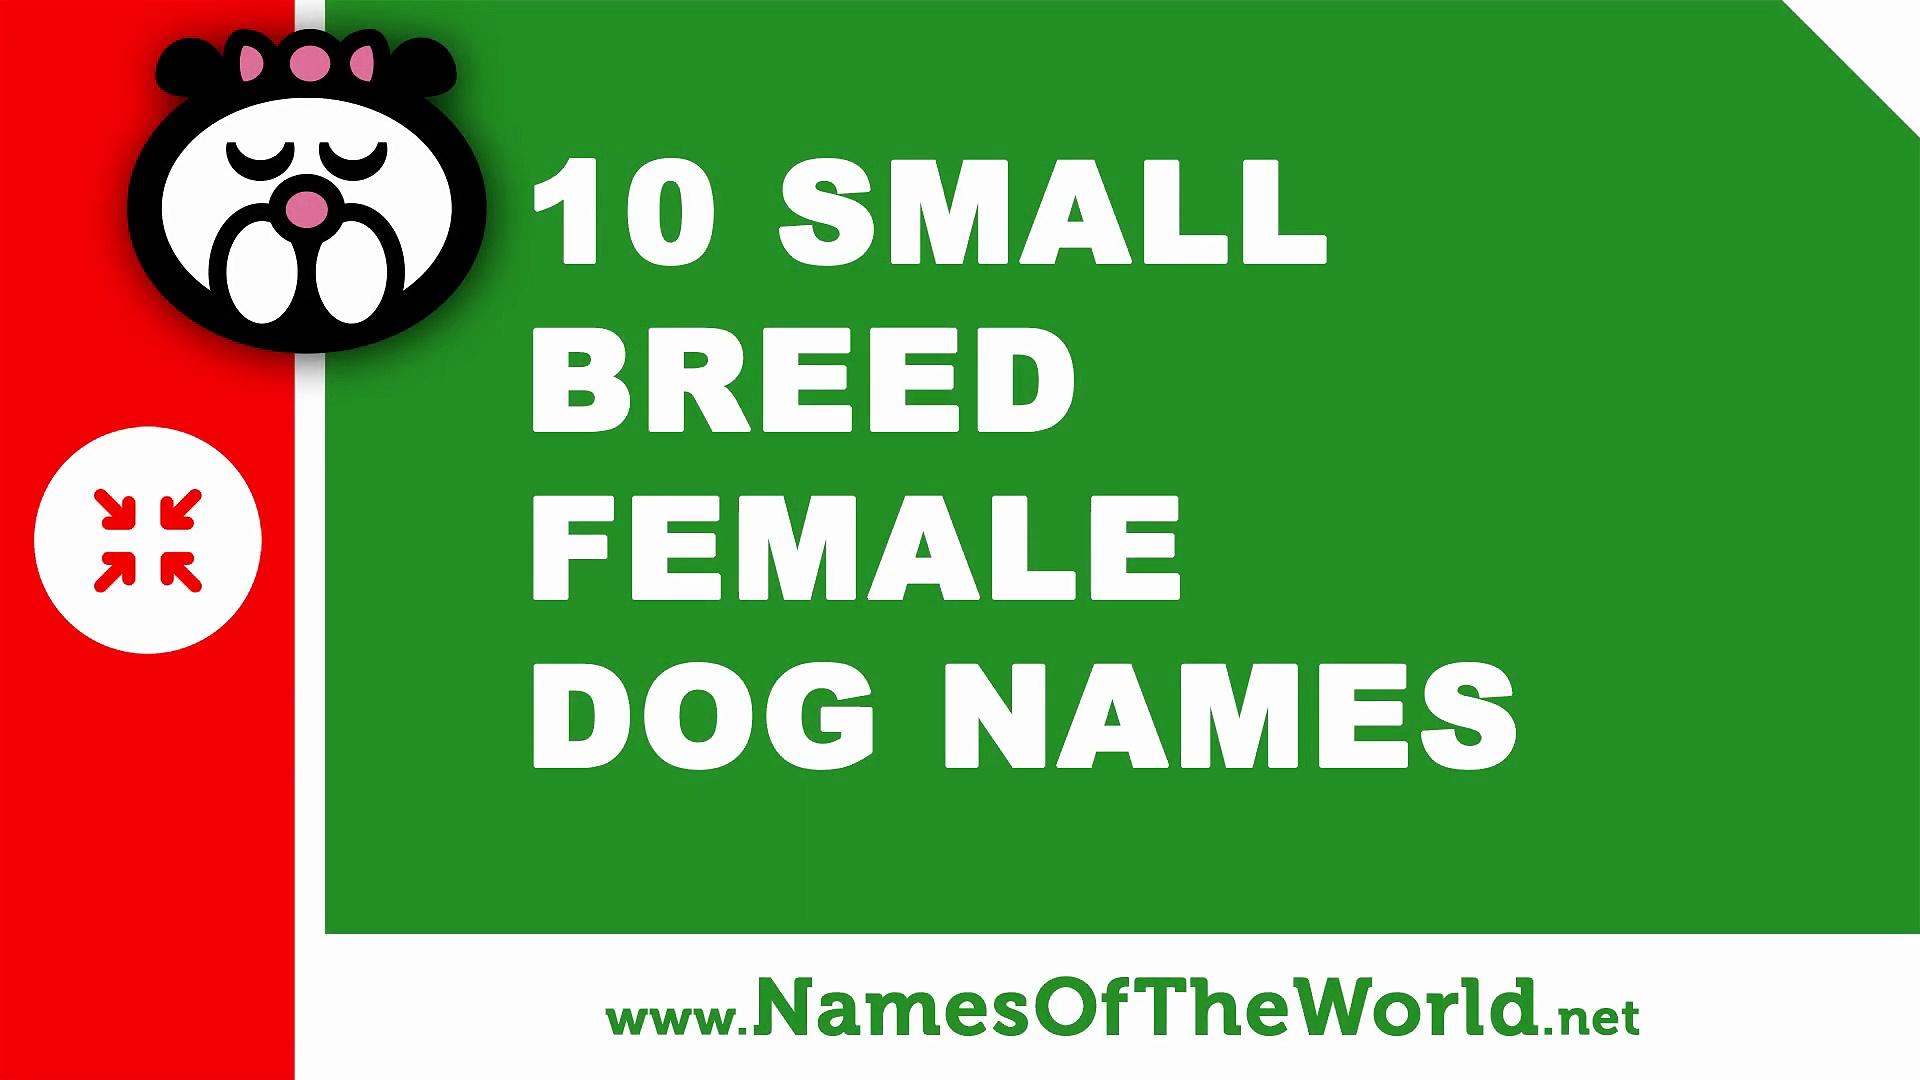 10 small breed female dog names – the best pet names – www.namesoftheworld.net